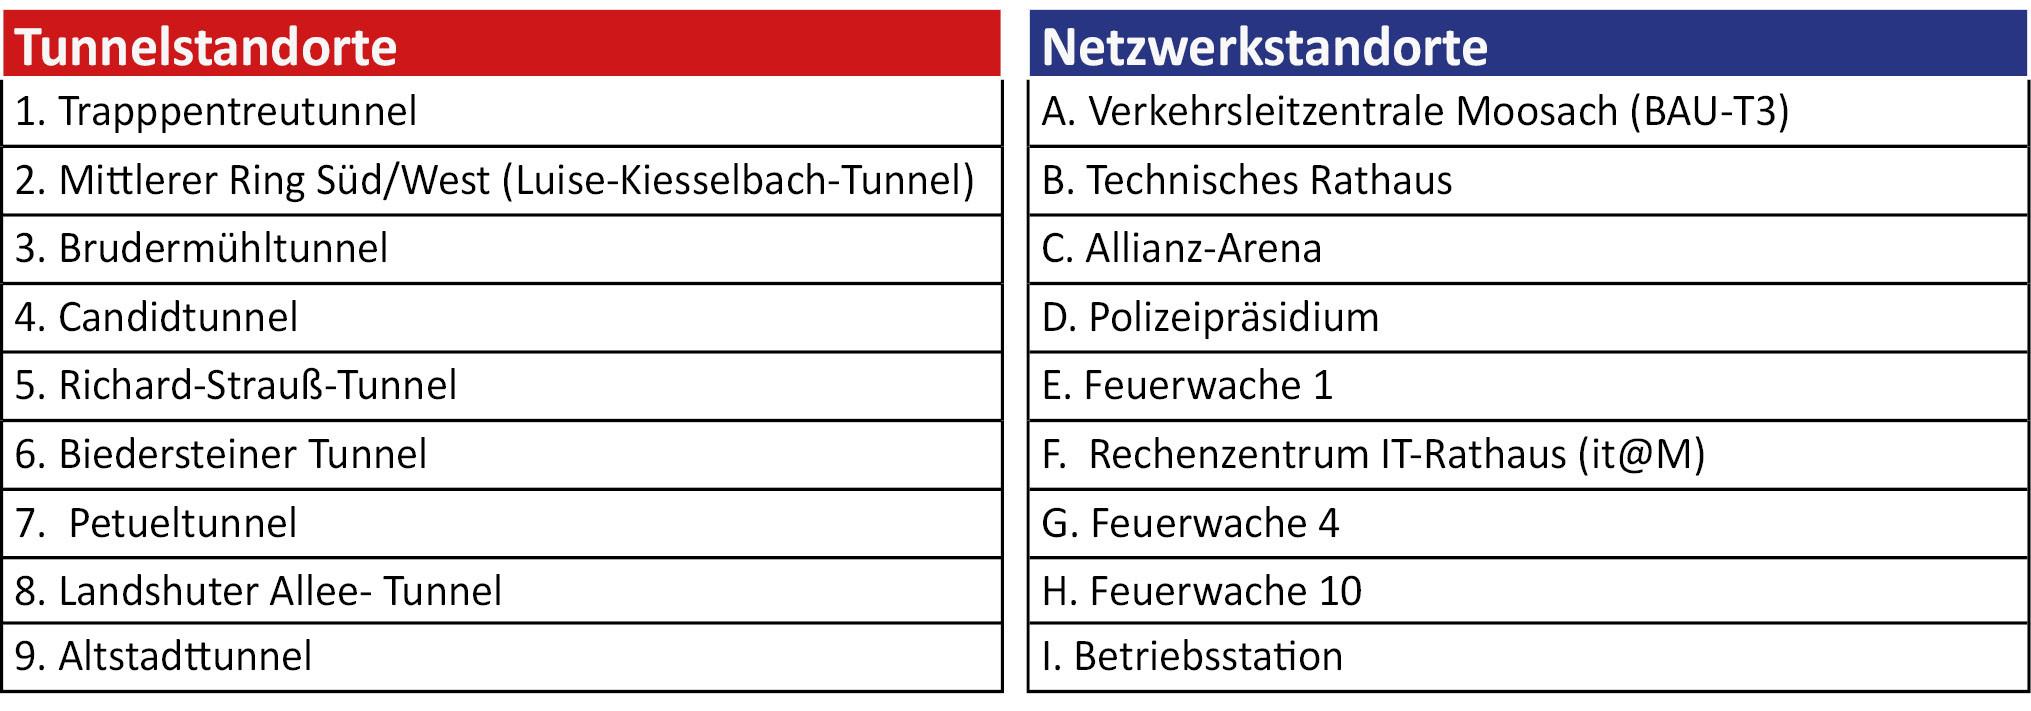 Tabelle der Tunnelstandorte